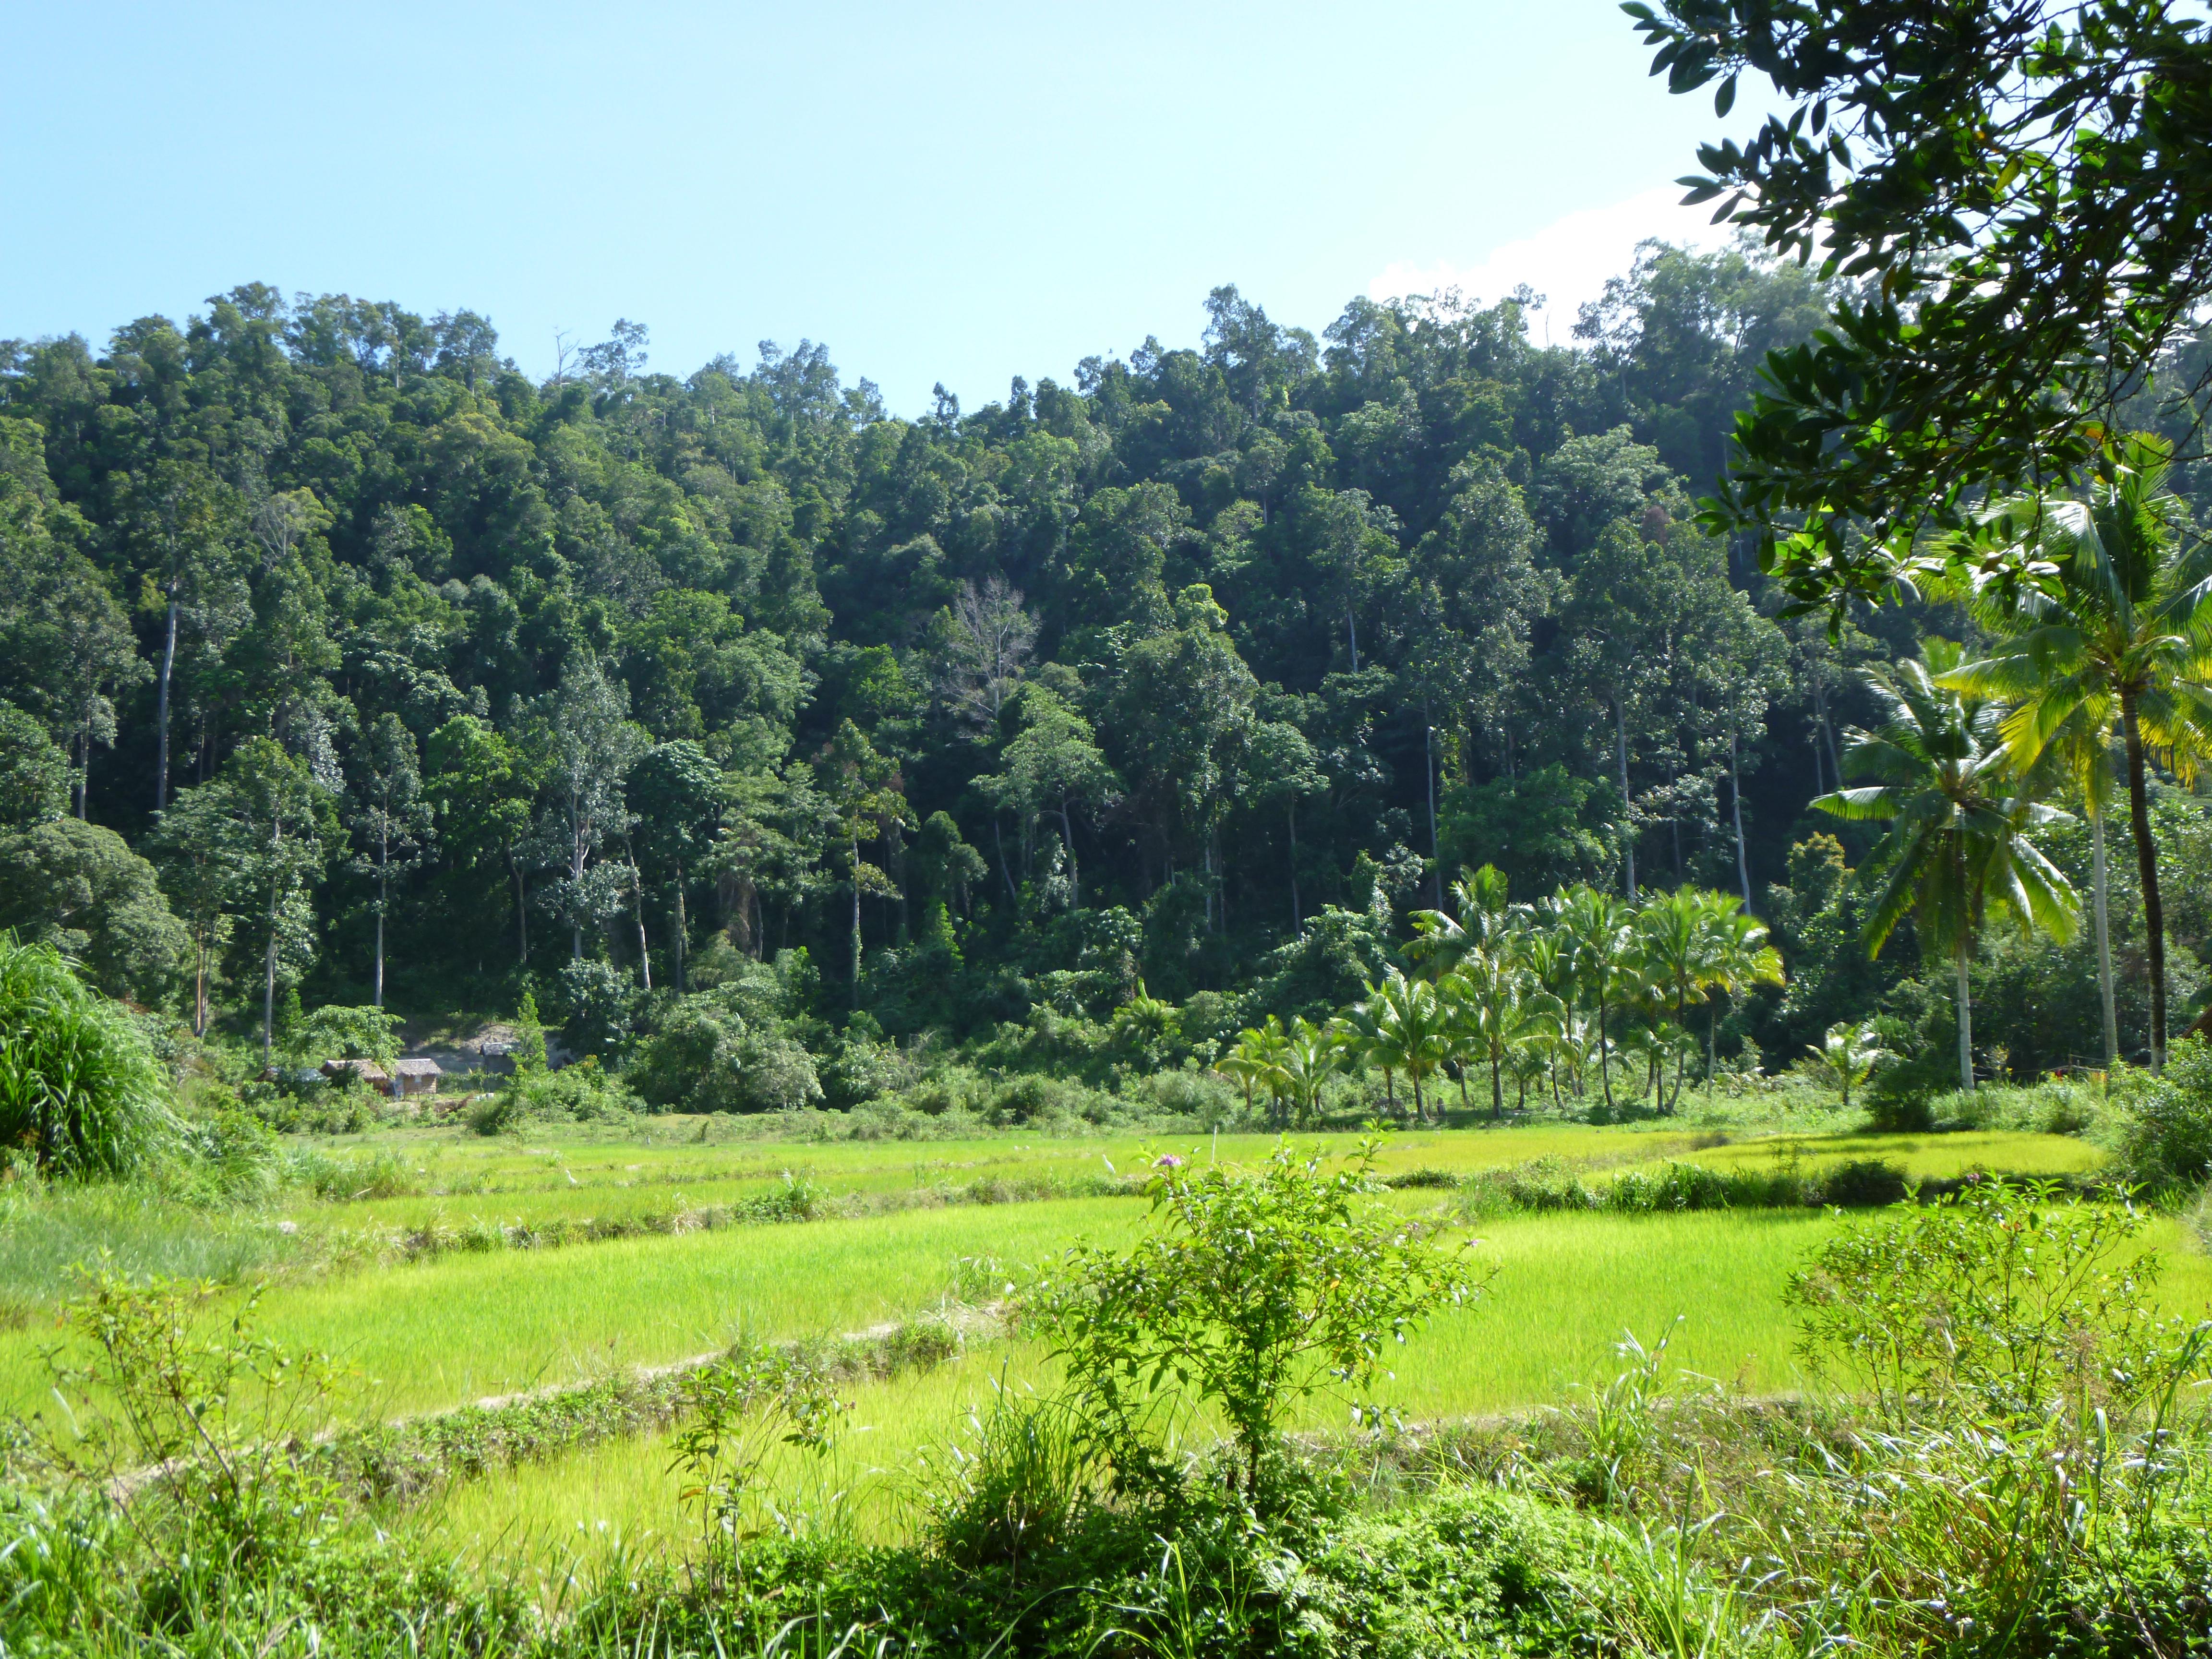 riziére sur fond de jungle au cours d'une promenade